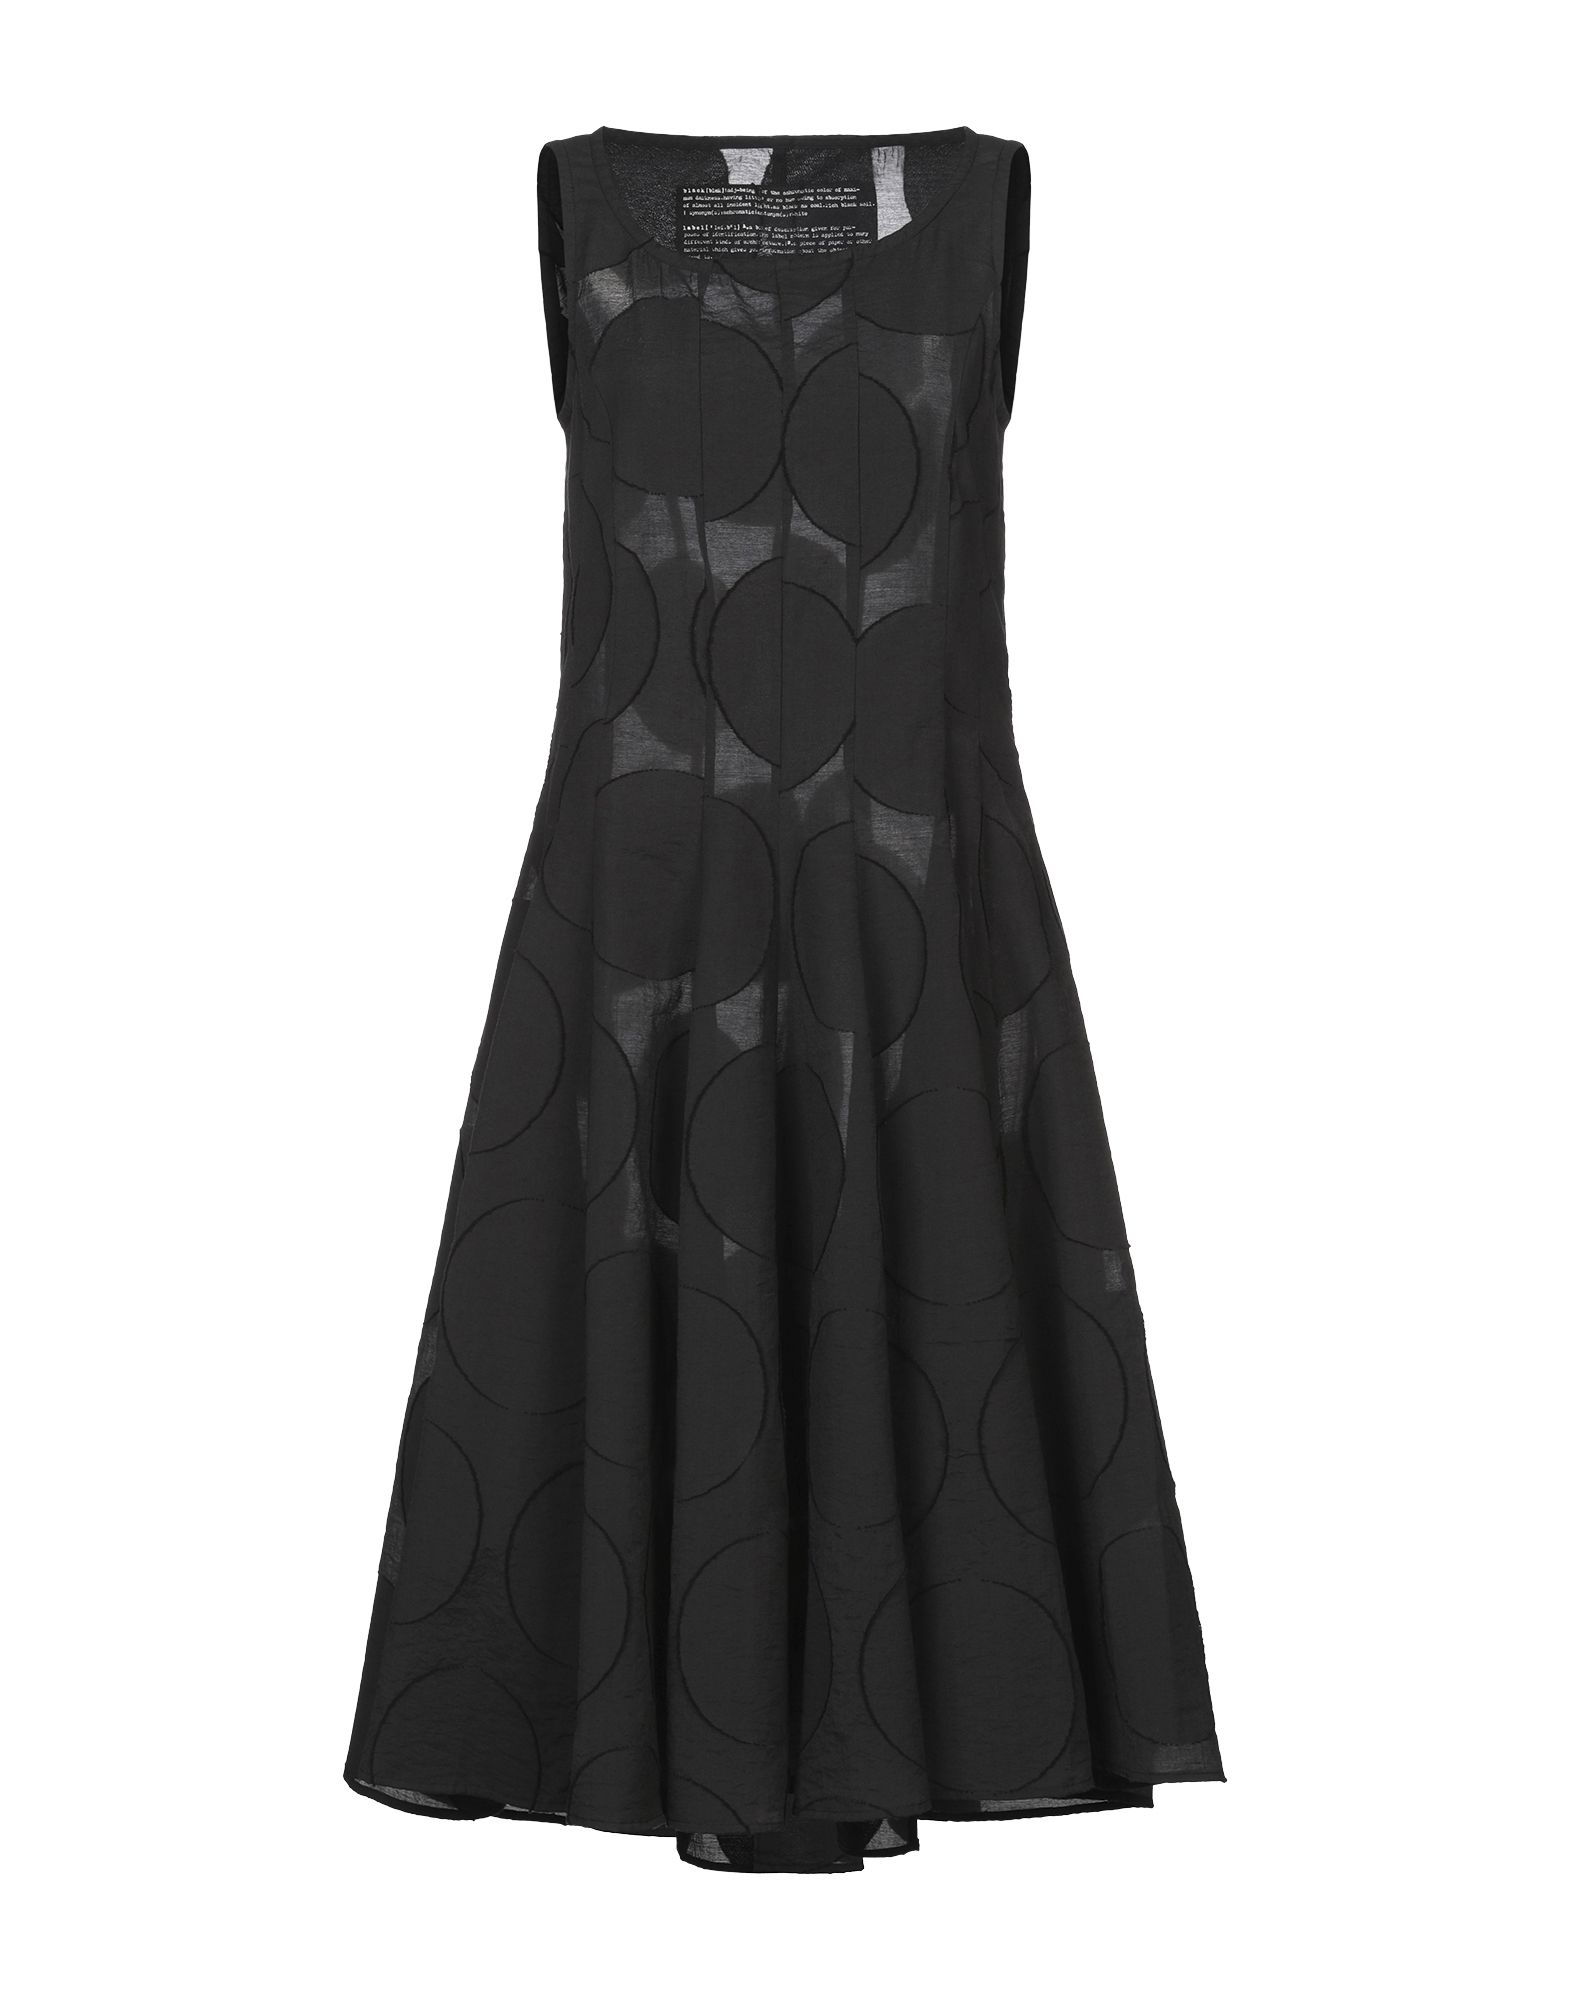 RUNDHOLZ BLACK LABEL Платье длиной 3/4